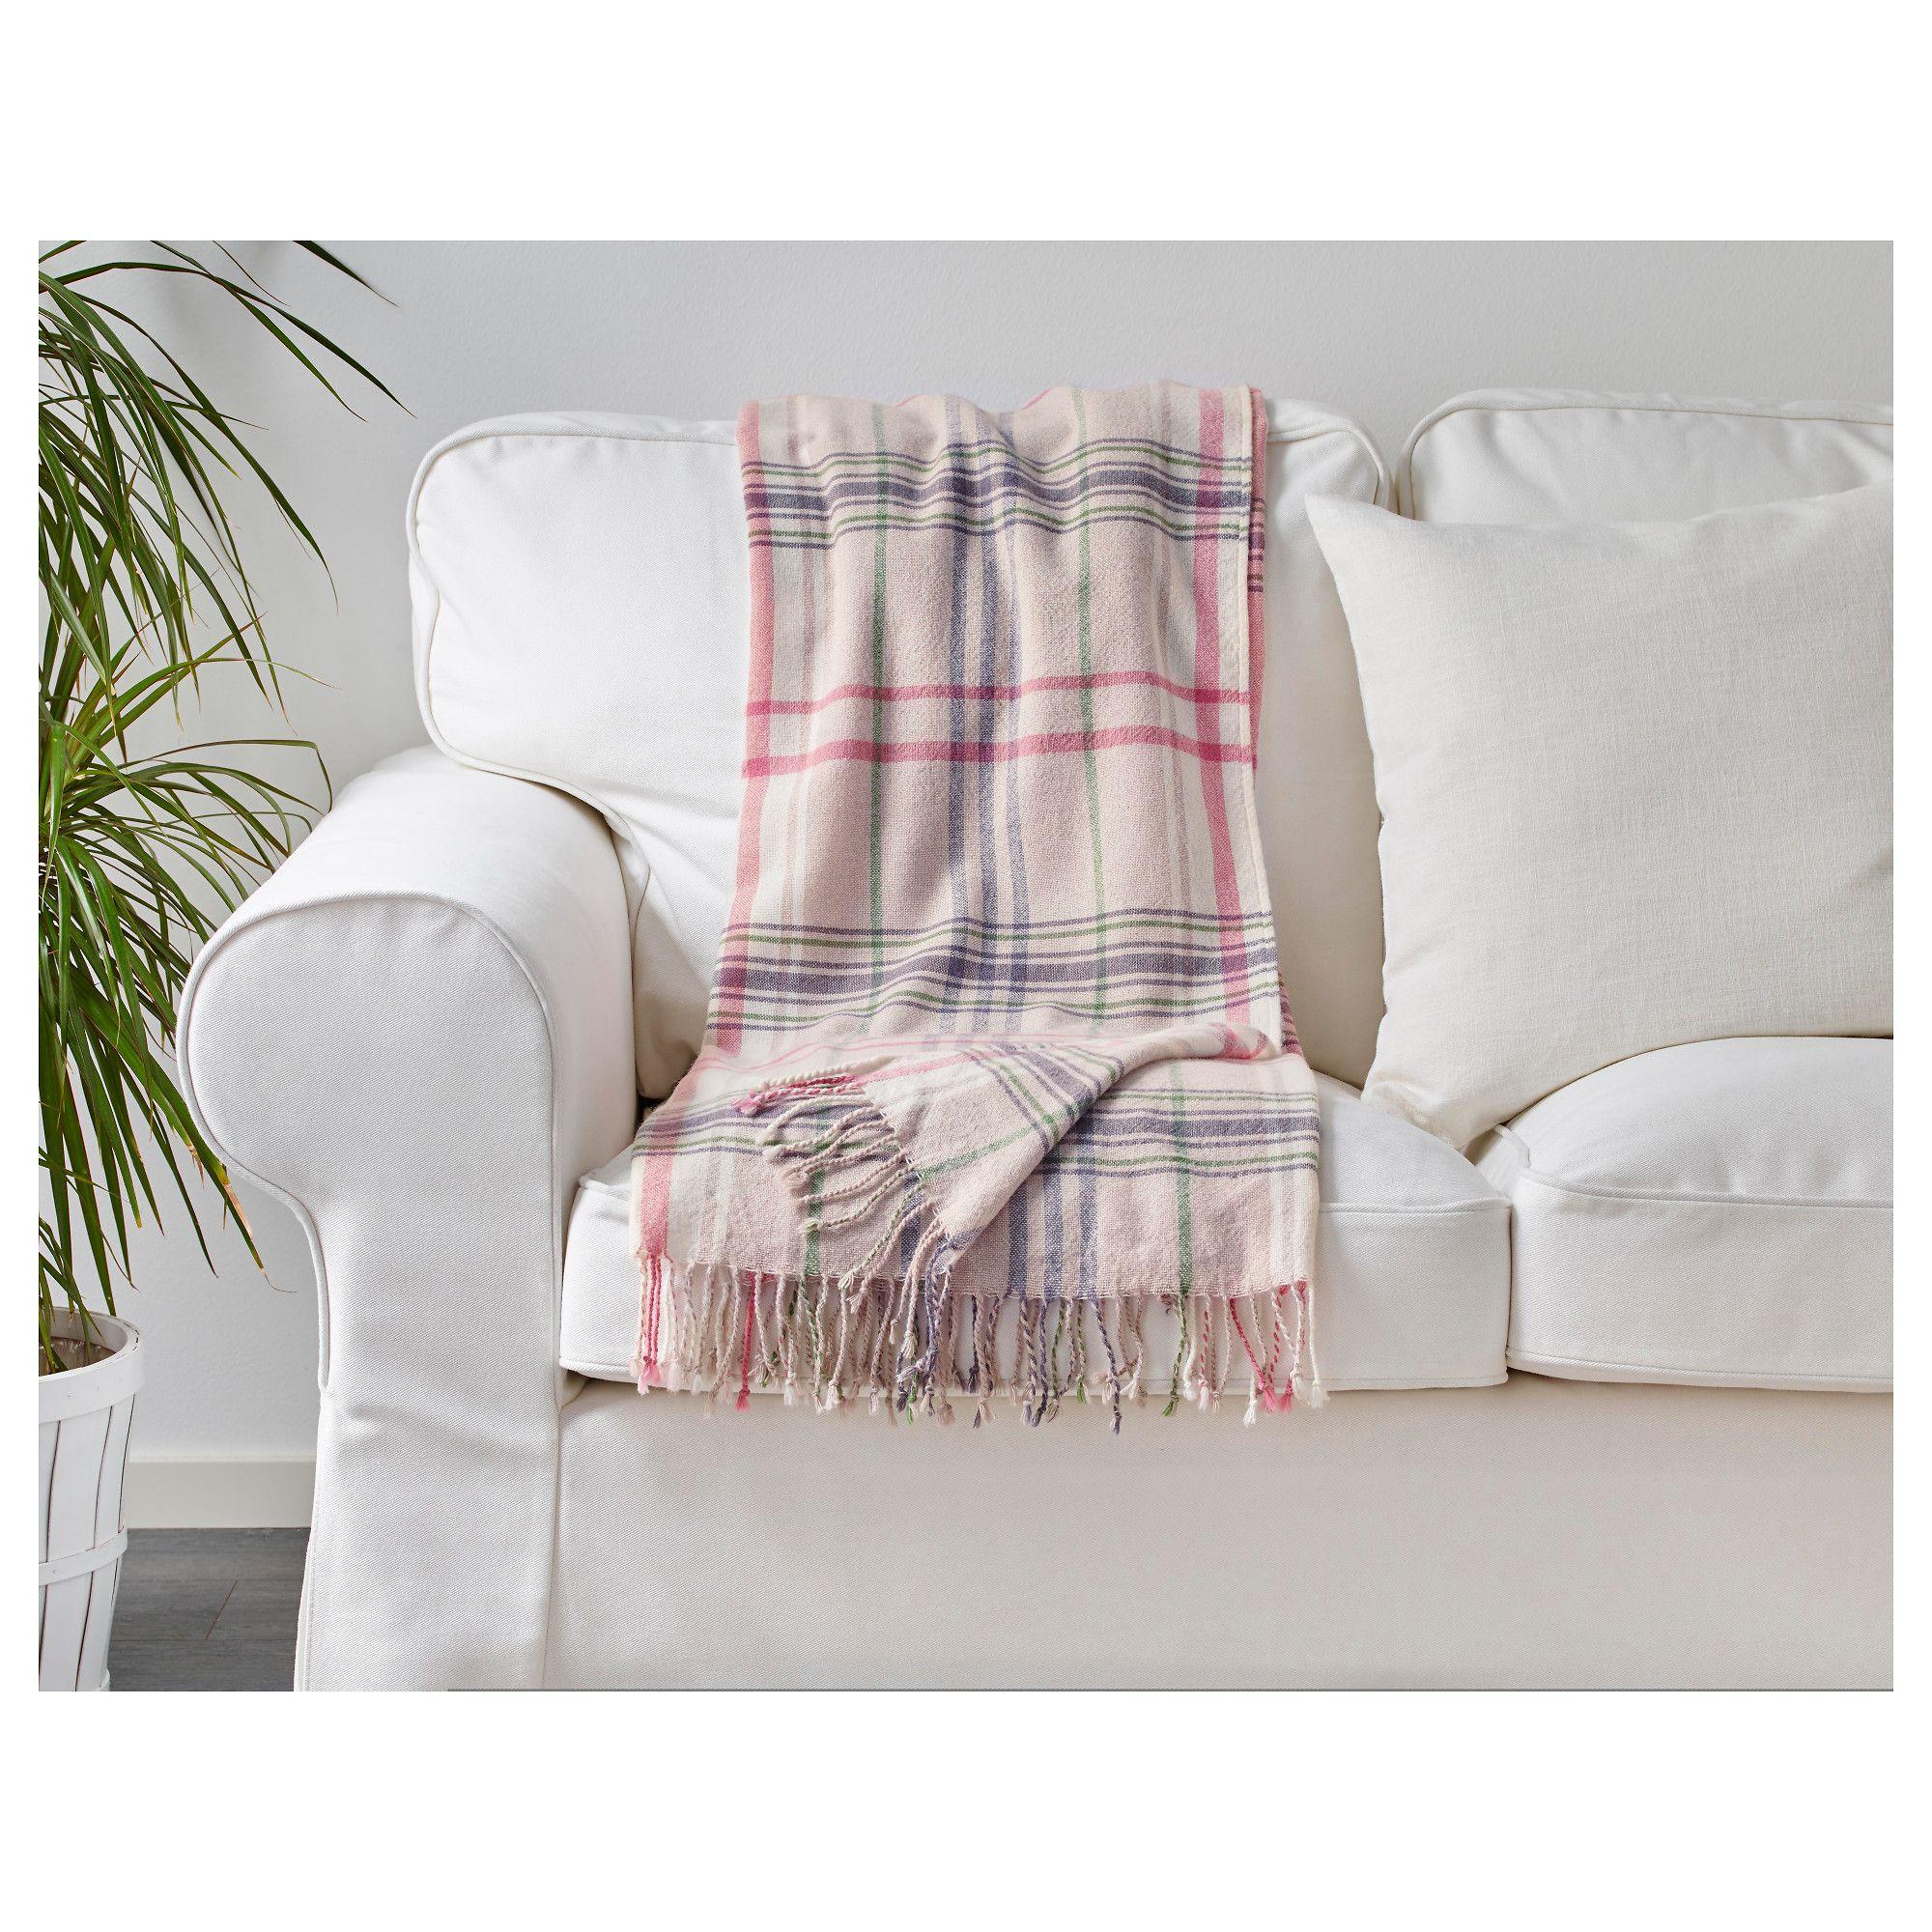 Schlafzimmer Len Ikea hermine throw beige pink 120x180 cm ikea flat